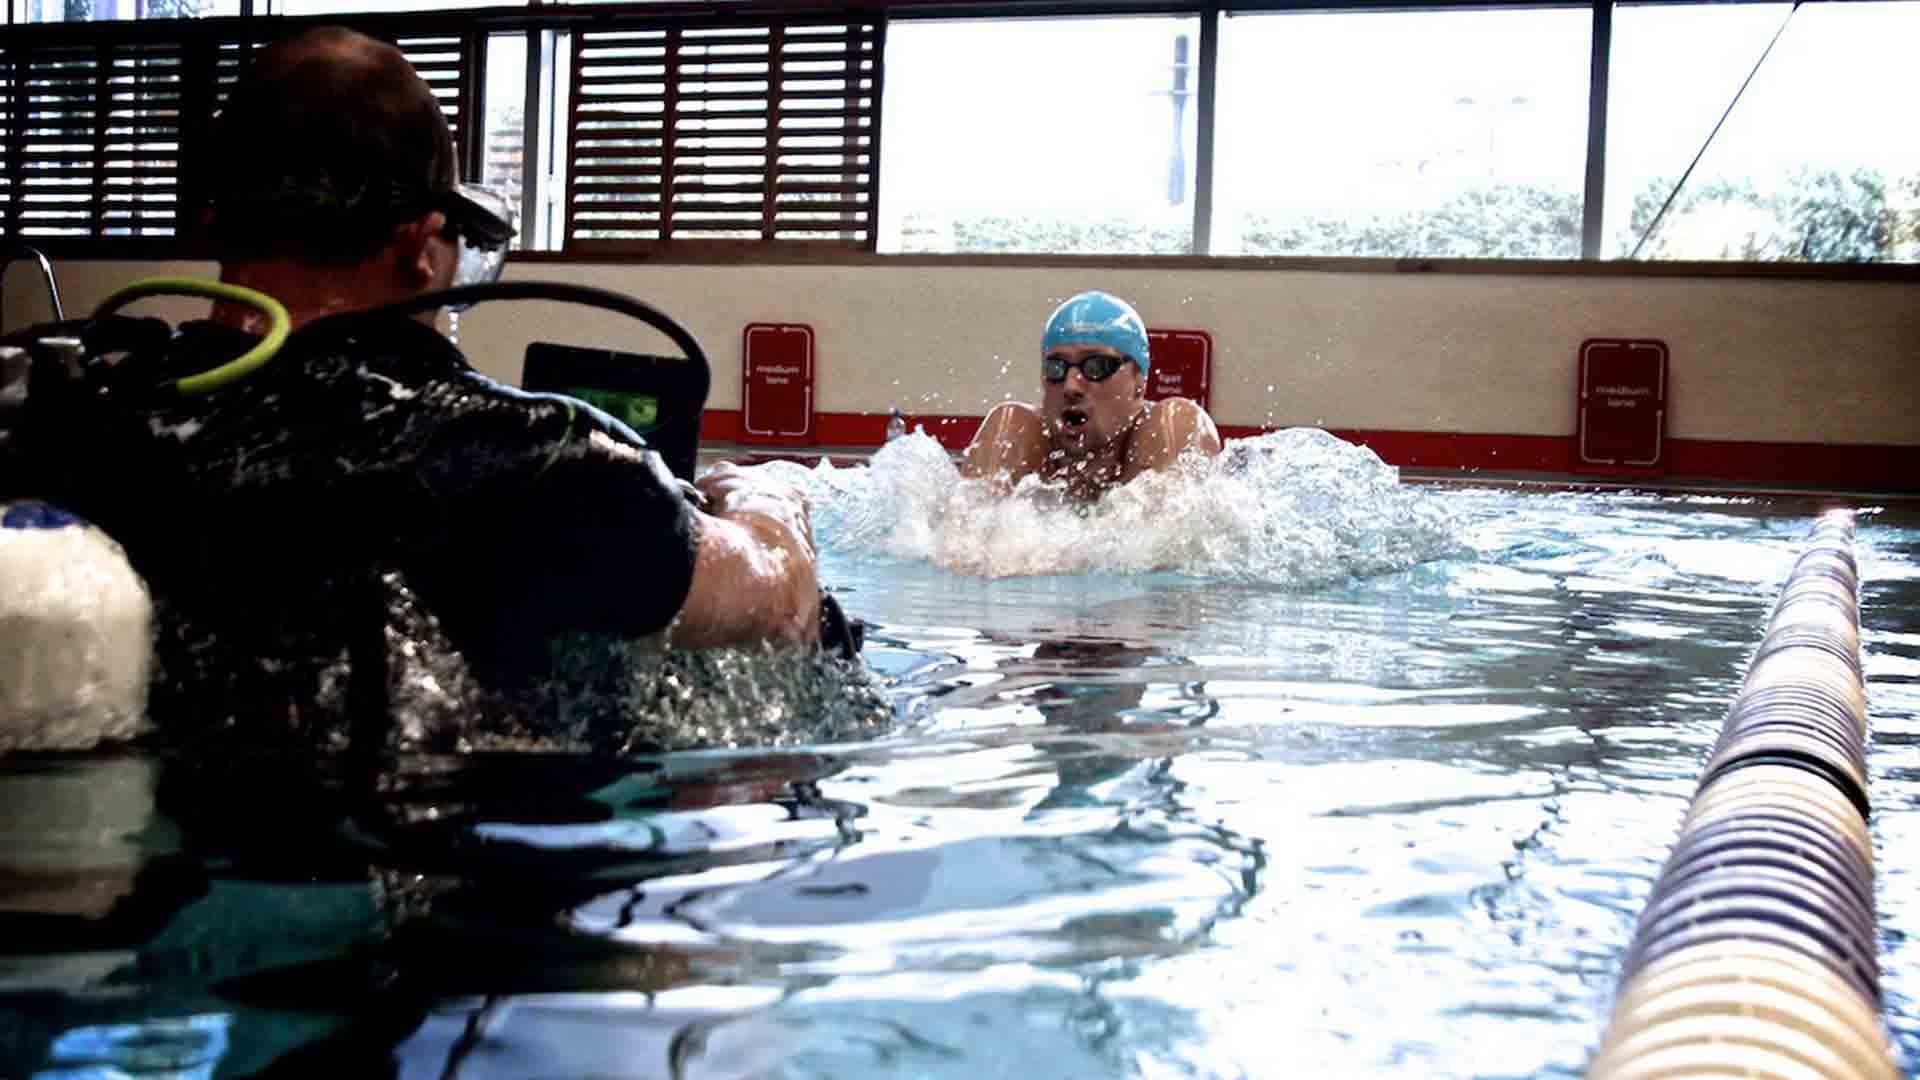 Das Bild zeigt einen Schwimmer, der in einem Schwimmbecken ist. Er ist gerade dabei unter Wasser zu tauchen. Er trägt eine blaue Badekappe auf dem Kopf. Vor ihm, mit in der Schwimmbahn, befindet sich ein Kameramann. Er trägt eine Taucherausrüstung und eine Kamera in der Hand mit der er den Schwimmer filmt. Das ganze findet in einem Hallenbad statt. Das Bild dient als Sliderbild für den Portfolioeintrag Speedo – Marketing- und PR-Film von Panda Pictures.